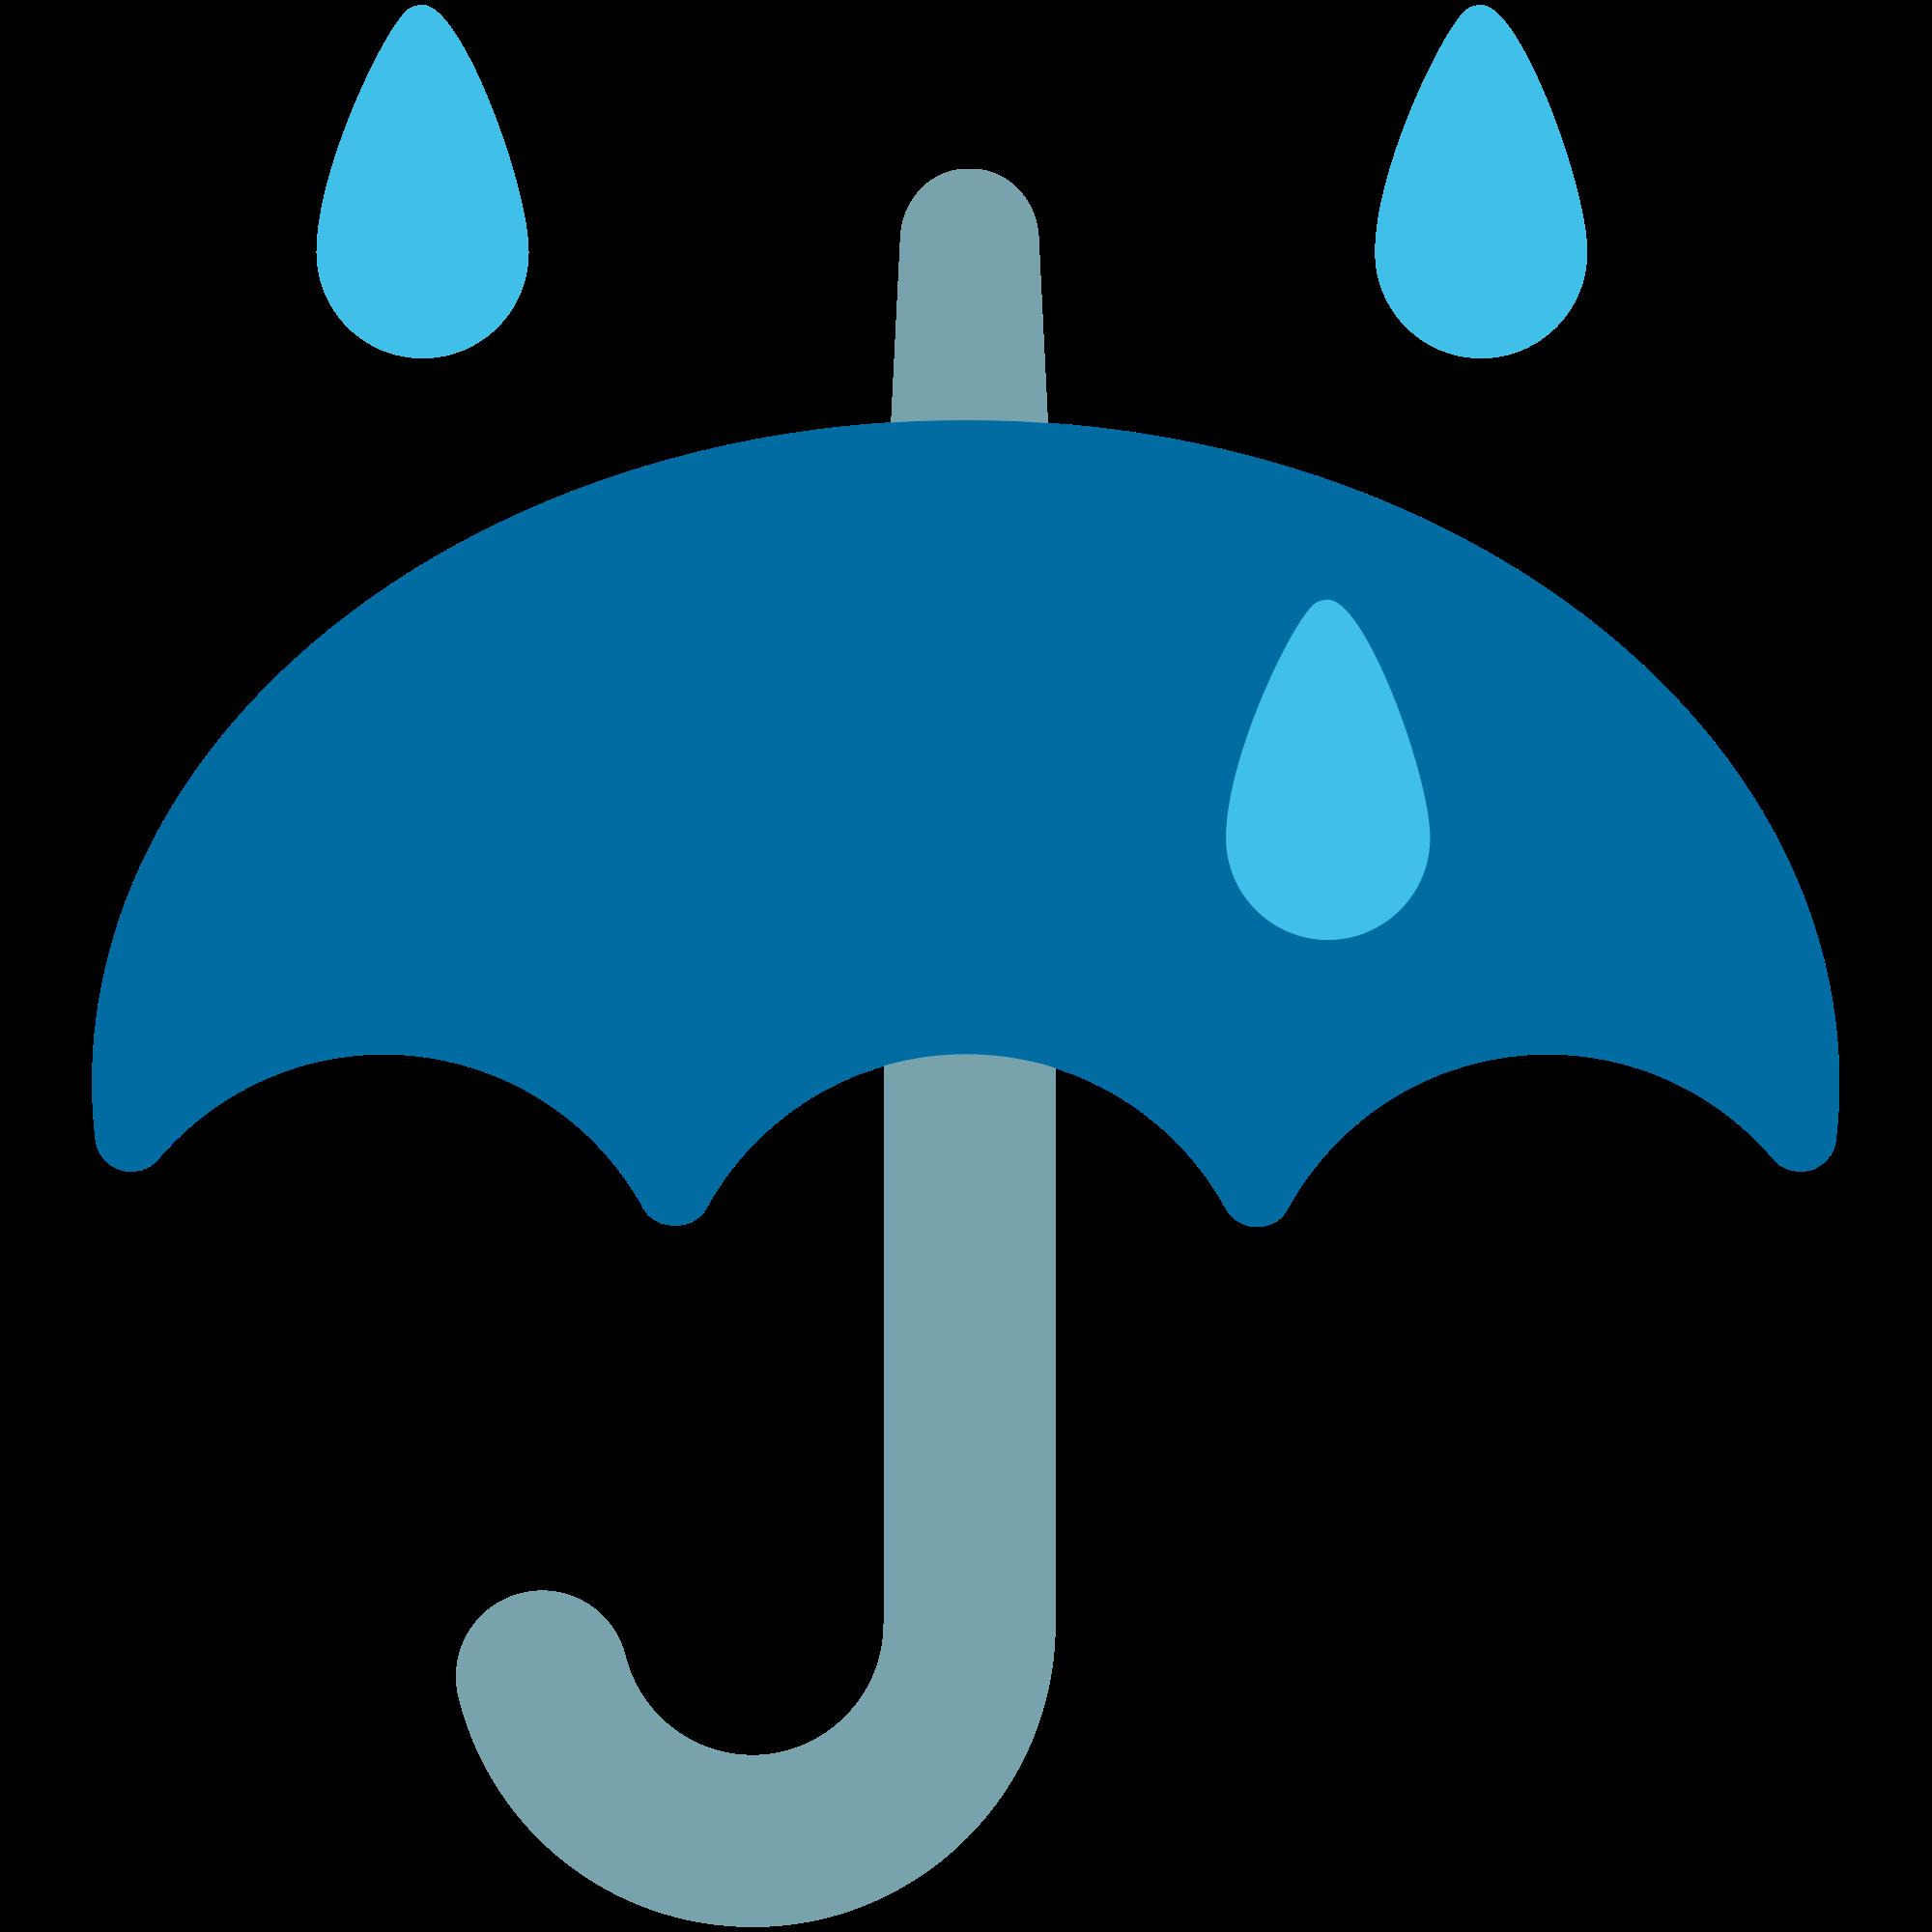 Umbrella png photos. Clipart rocket emoji